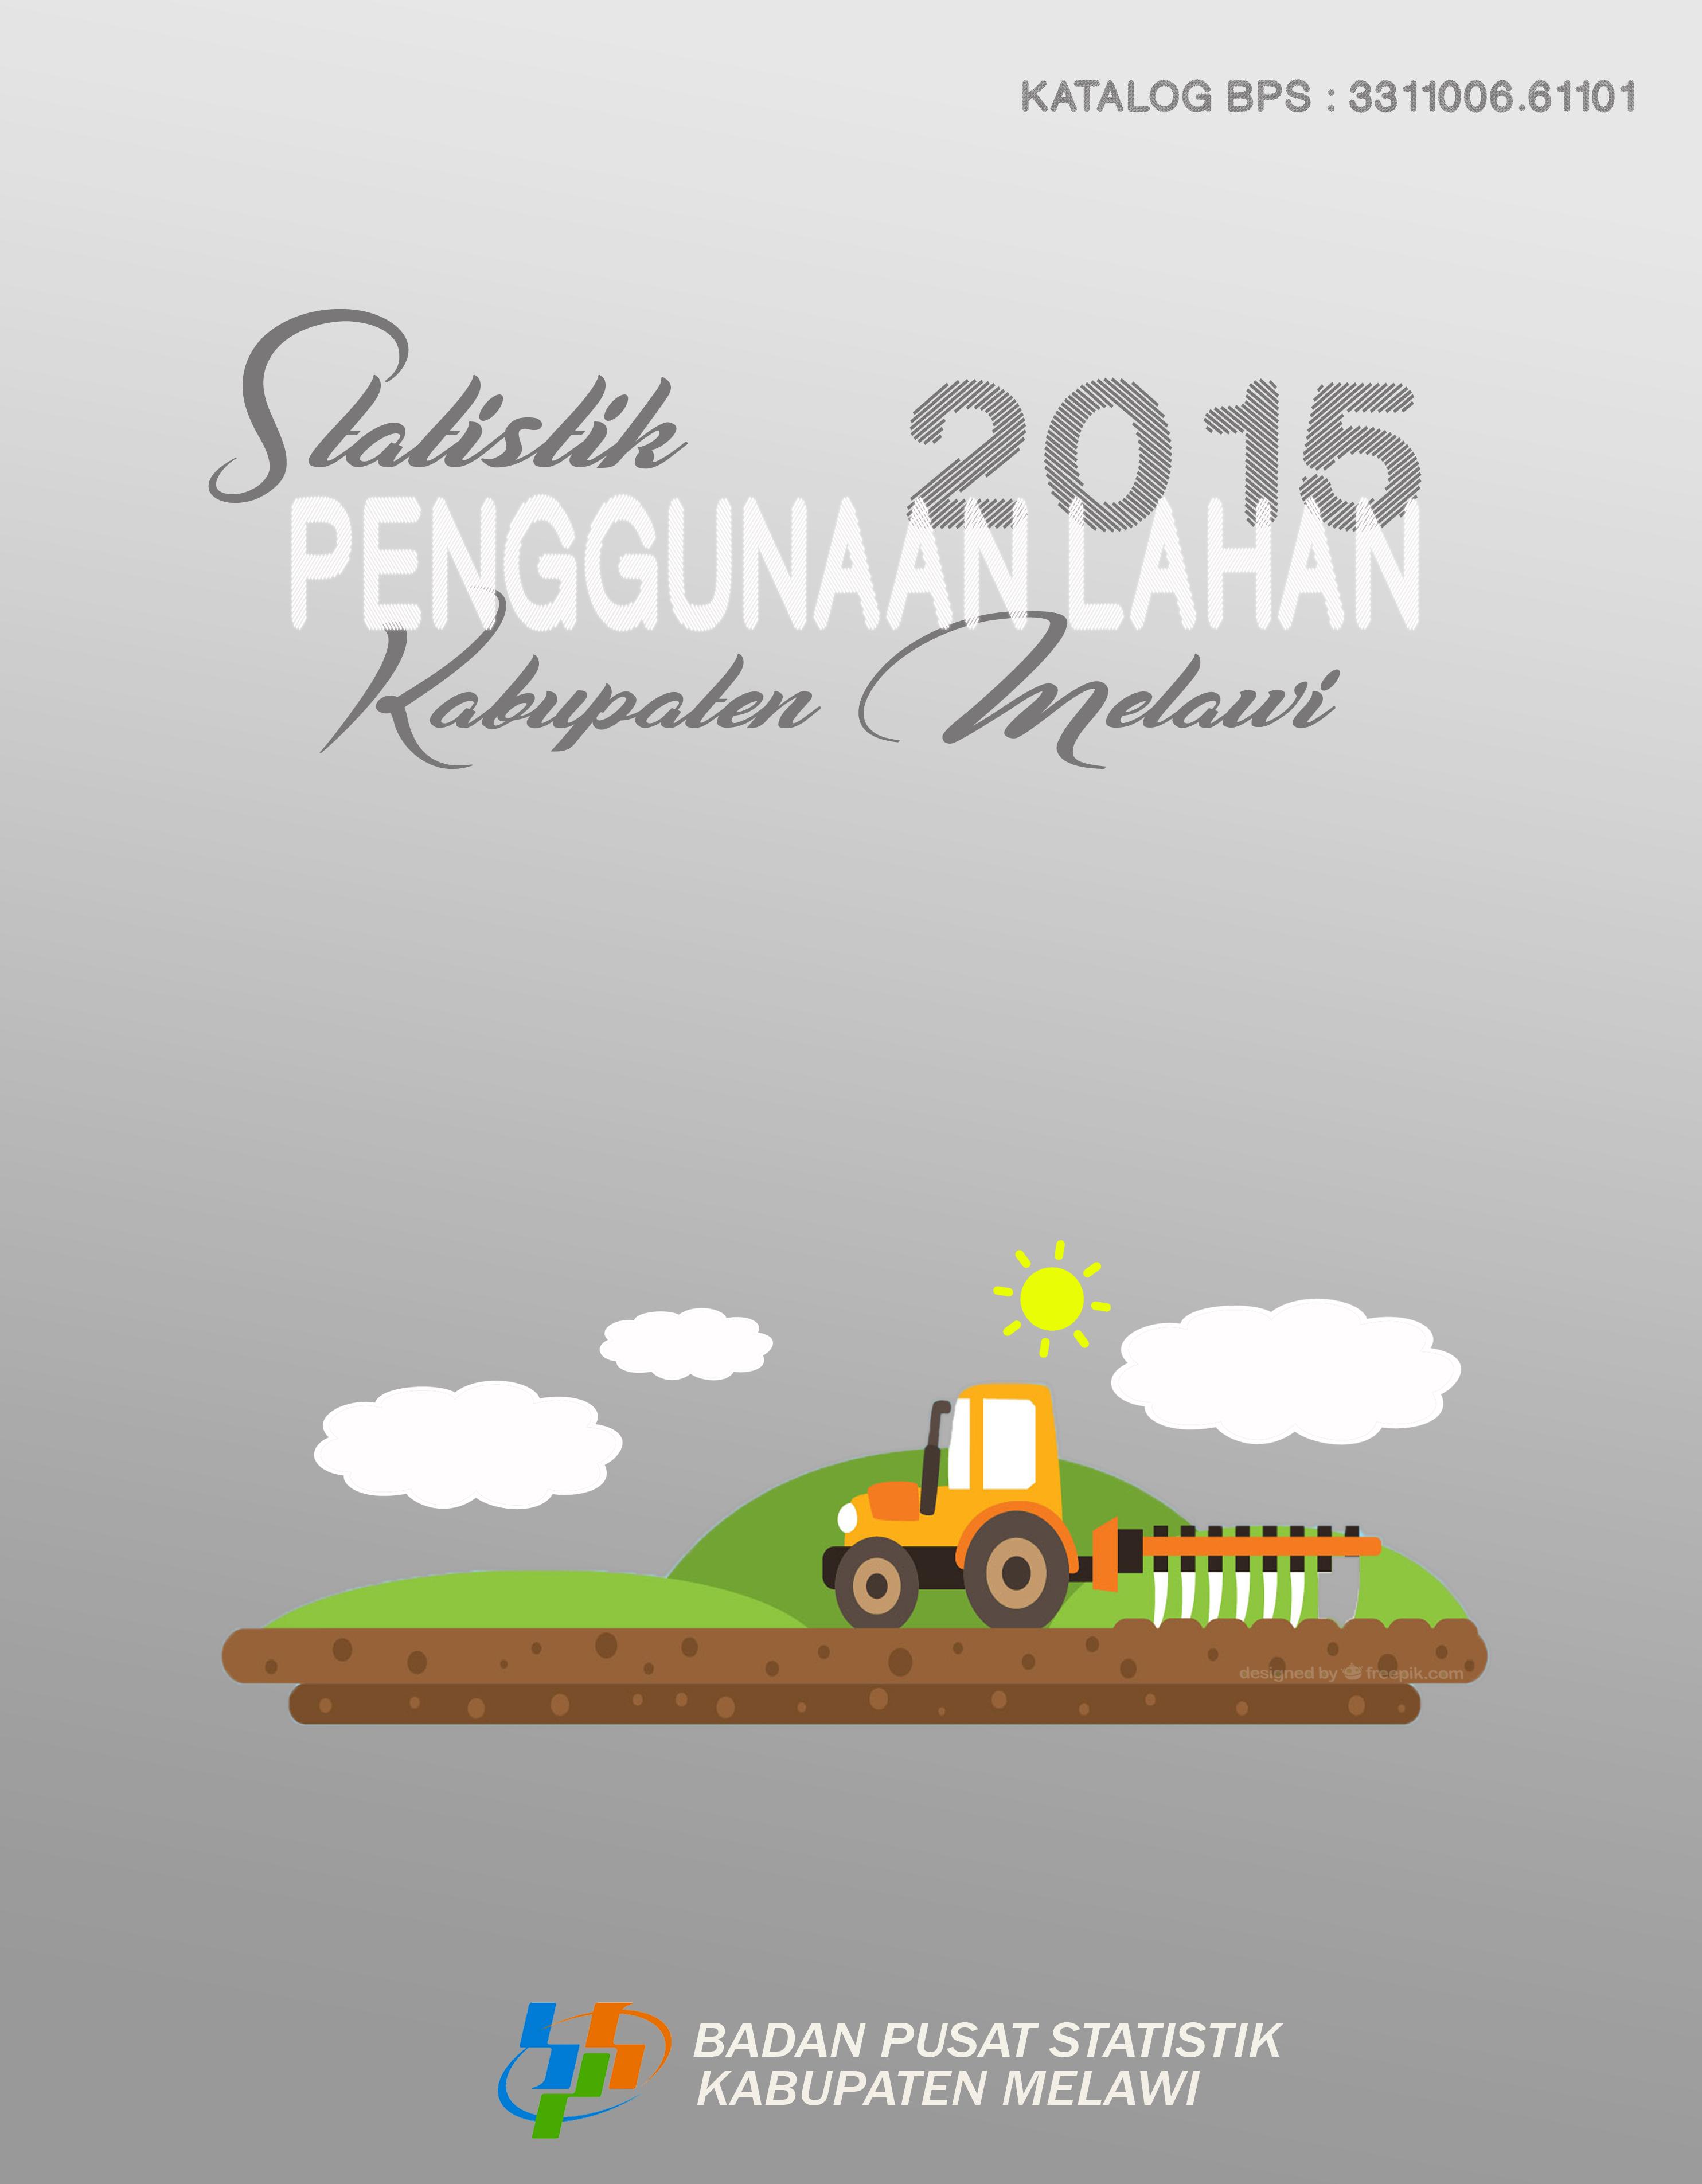 Badan Pusat Statistik Kabupaten Melawi